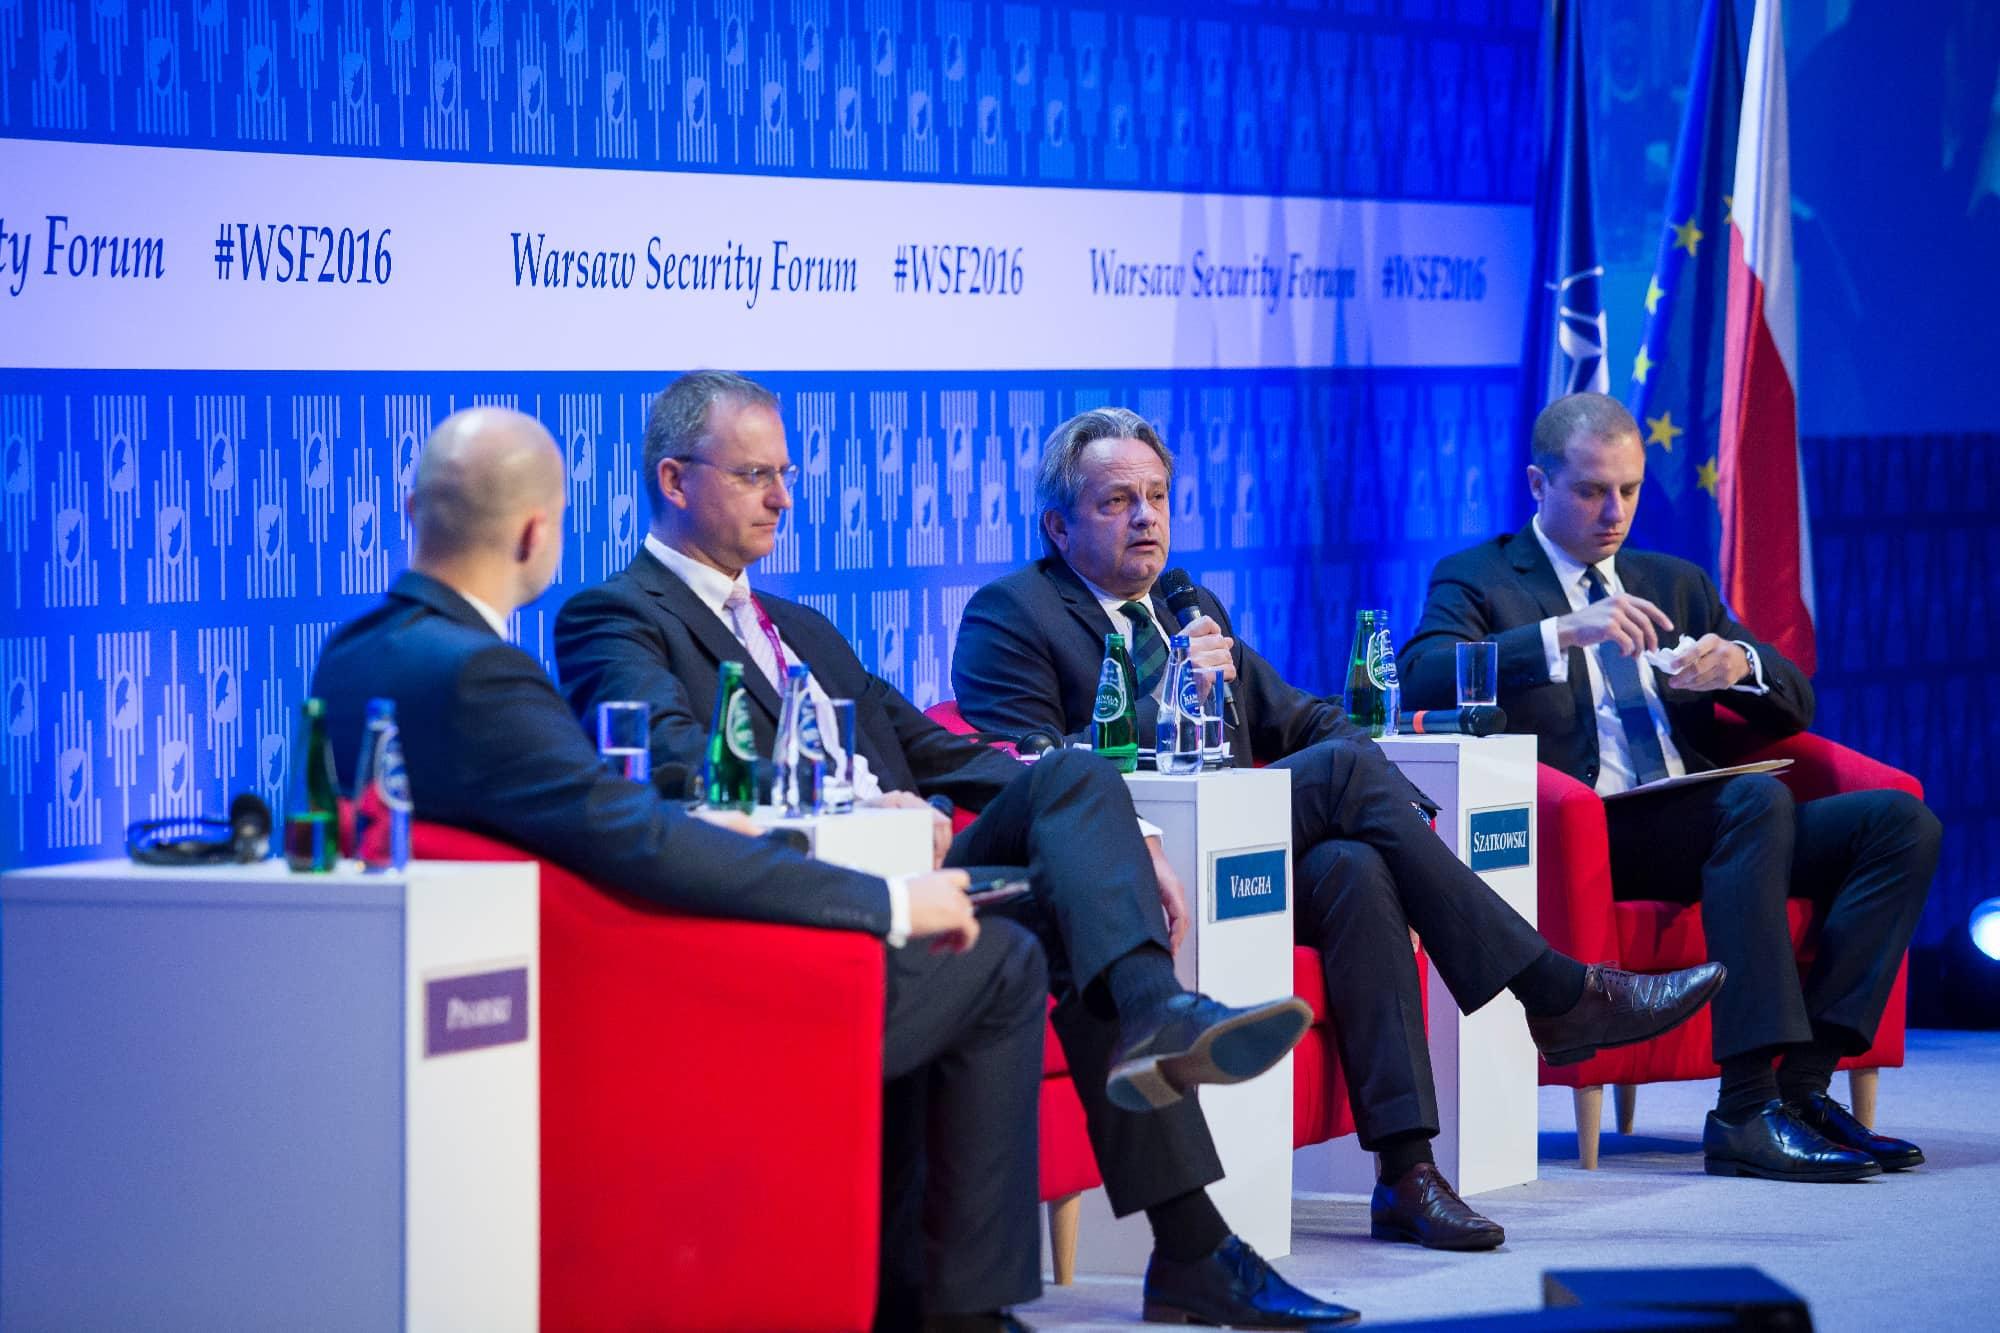 """""""Chcemy, aby NATO adaptowało się wkierunku sojuszu działającego wpromieniu 360 stopni"""" – ministrowie obrony ispraw zagranicznych oNATO ibezpieczeństwie międzynarodowym naWarsaw Security Forum"""